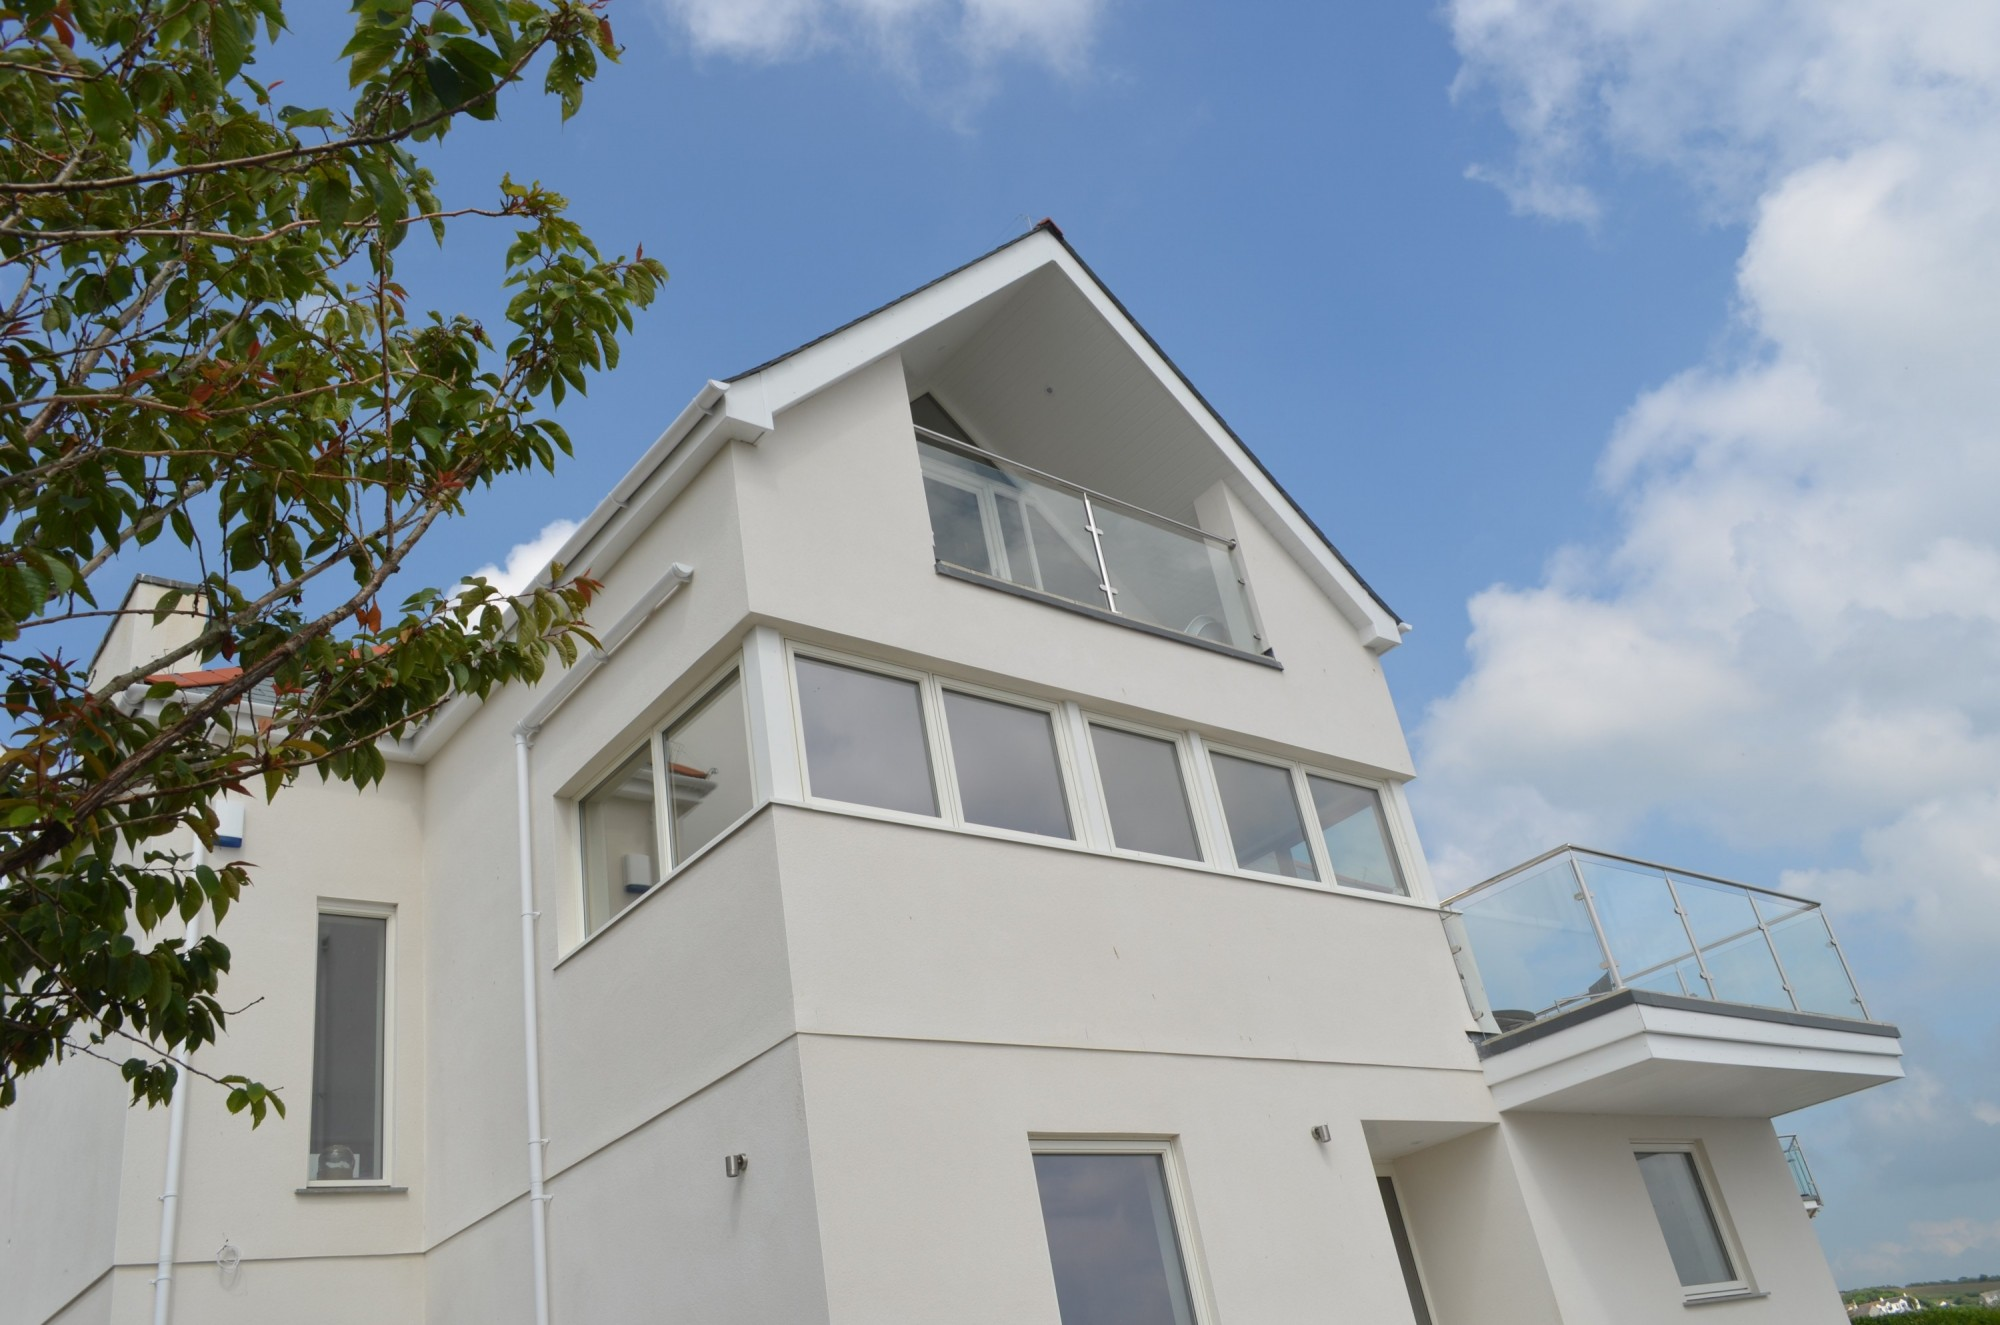 mevva-house-e1415015105211